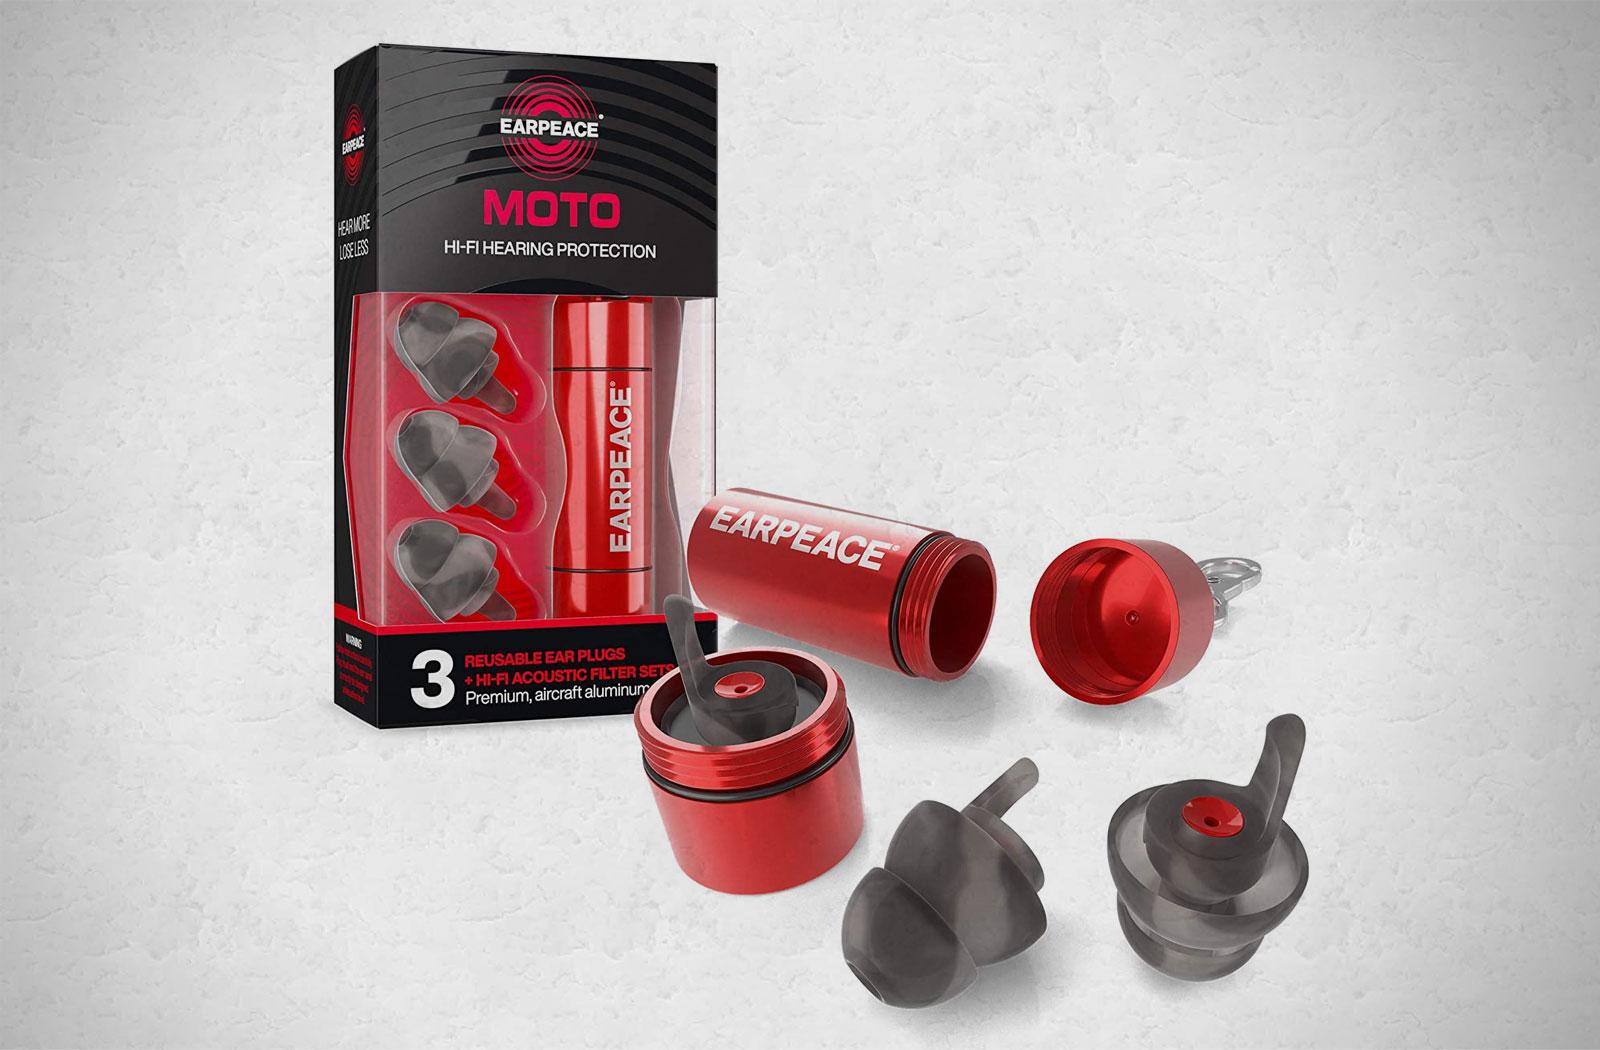 EarPeace motorcycle earplugs